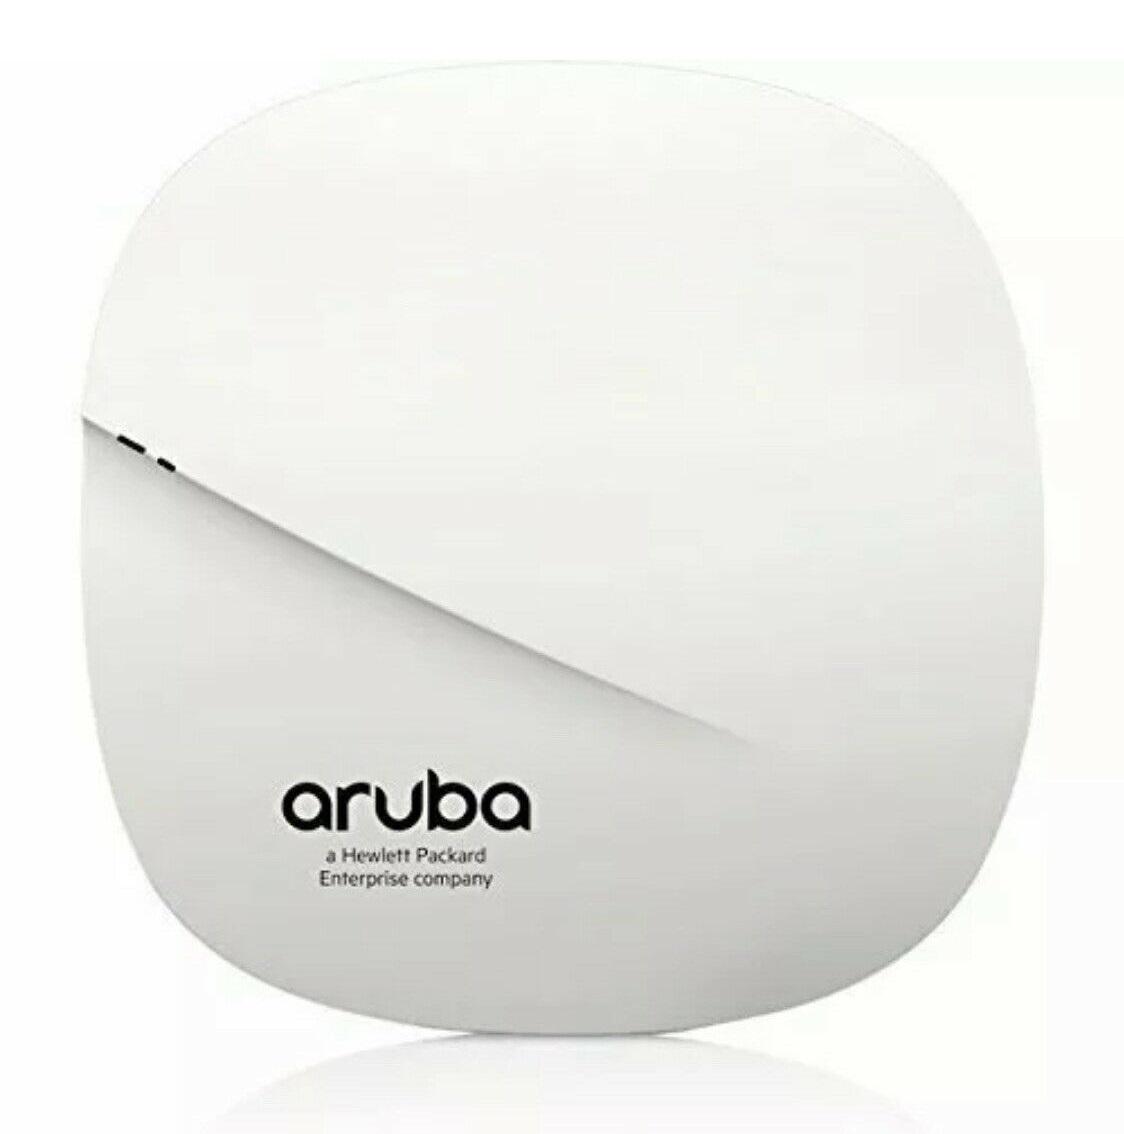 Thiết bị phát wifi Aruba AP-305 hoặc IAP-305